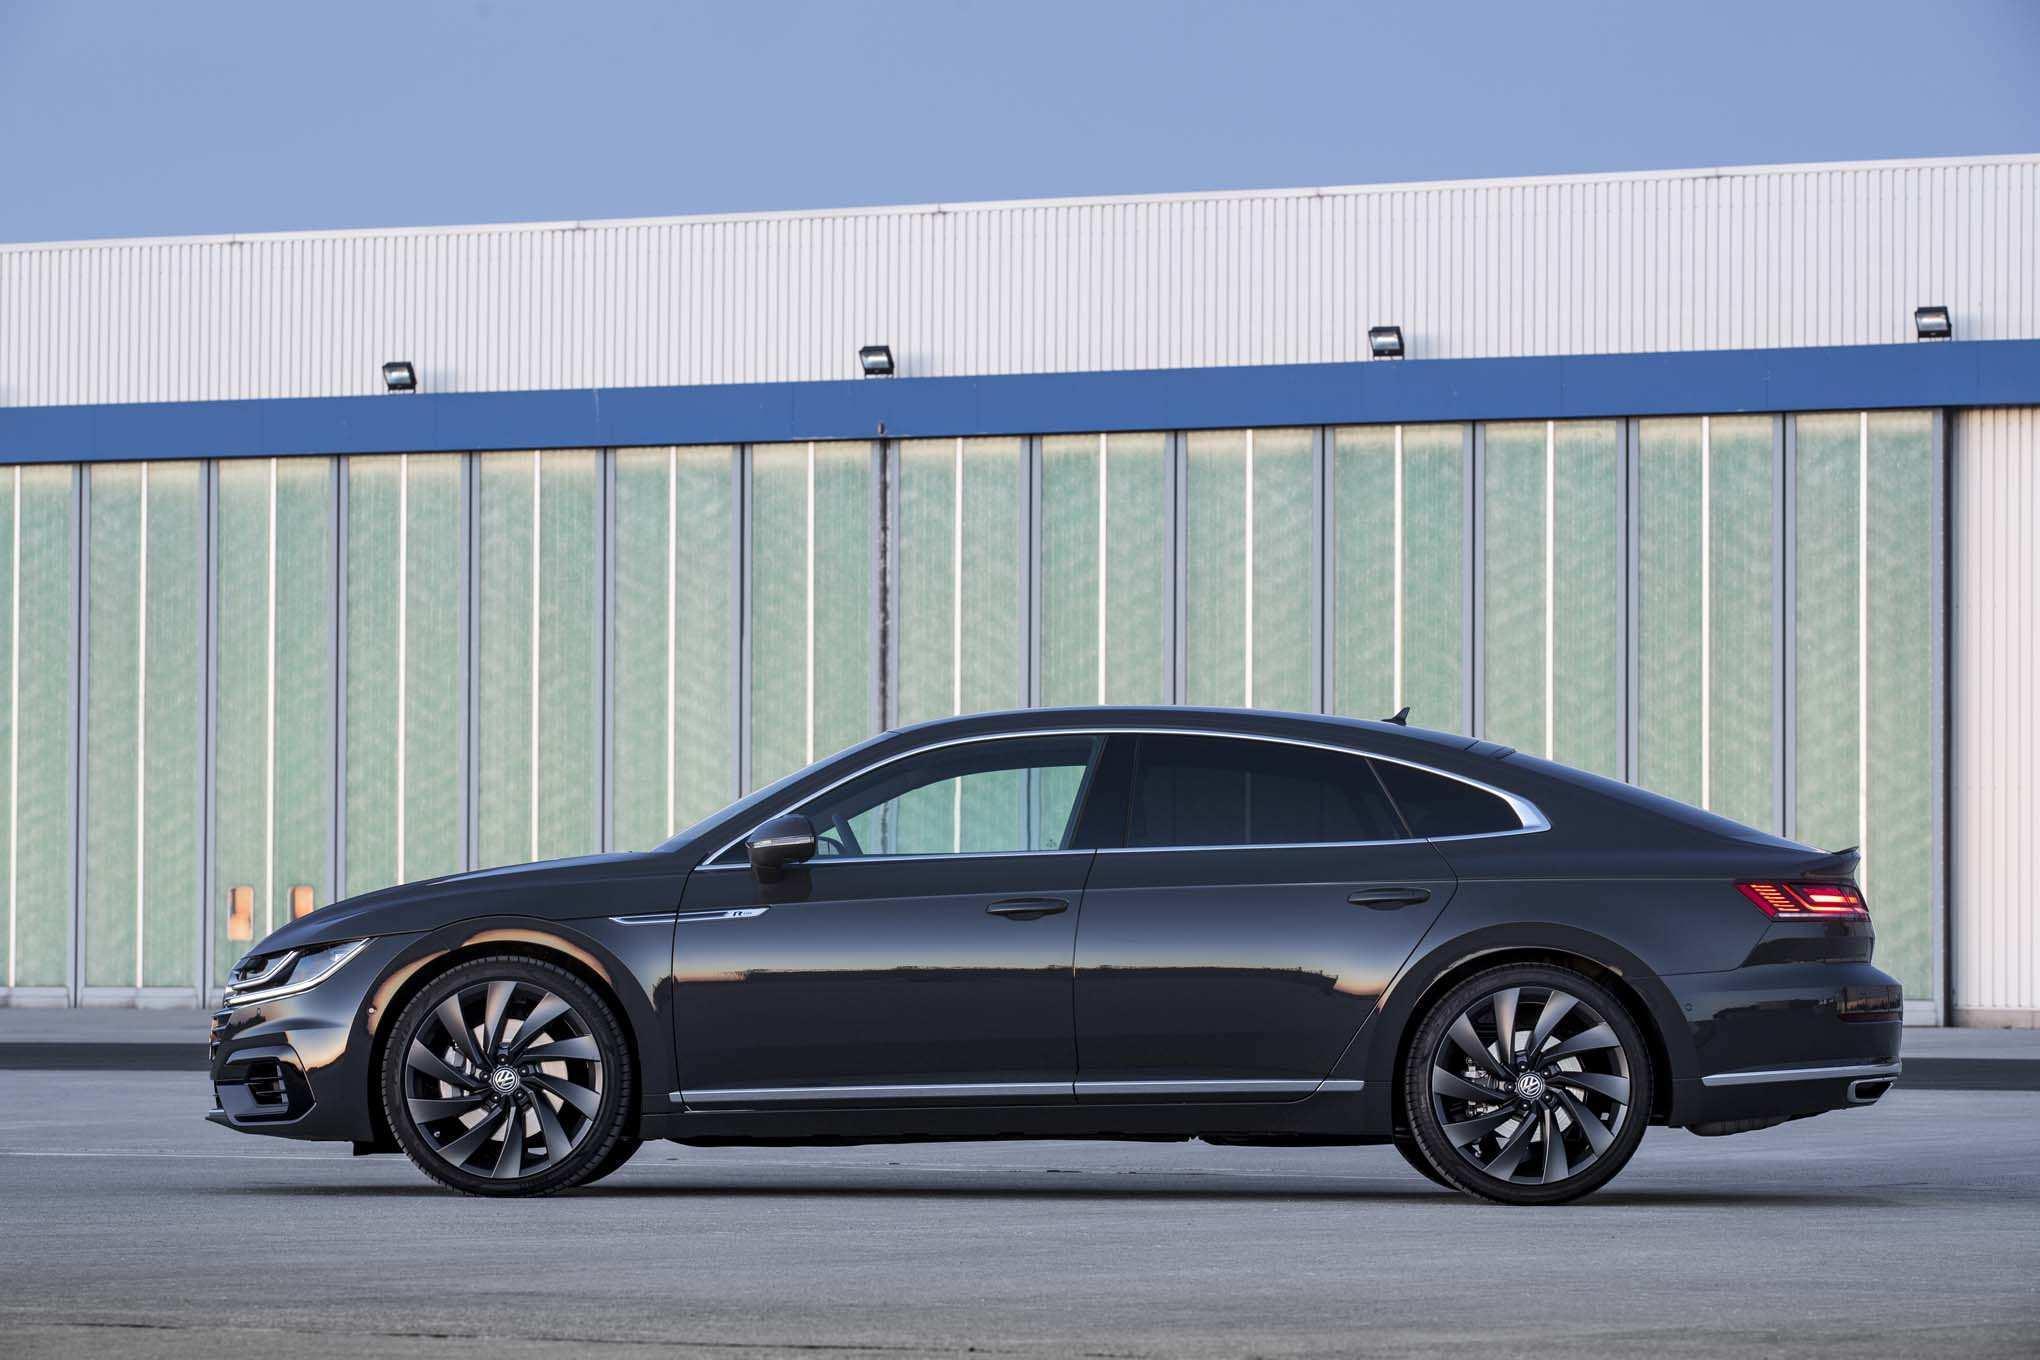 88 Concept of 2019 Volkswagen Arteon Specs Research New for 2019 Volkswagen Arteon Specs